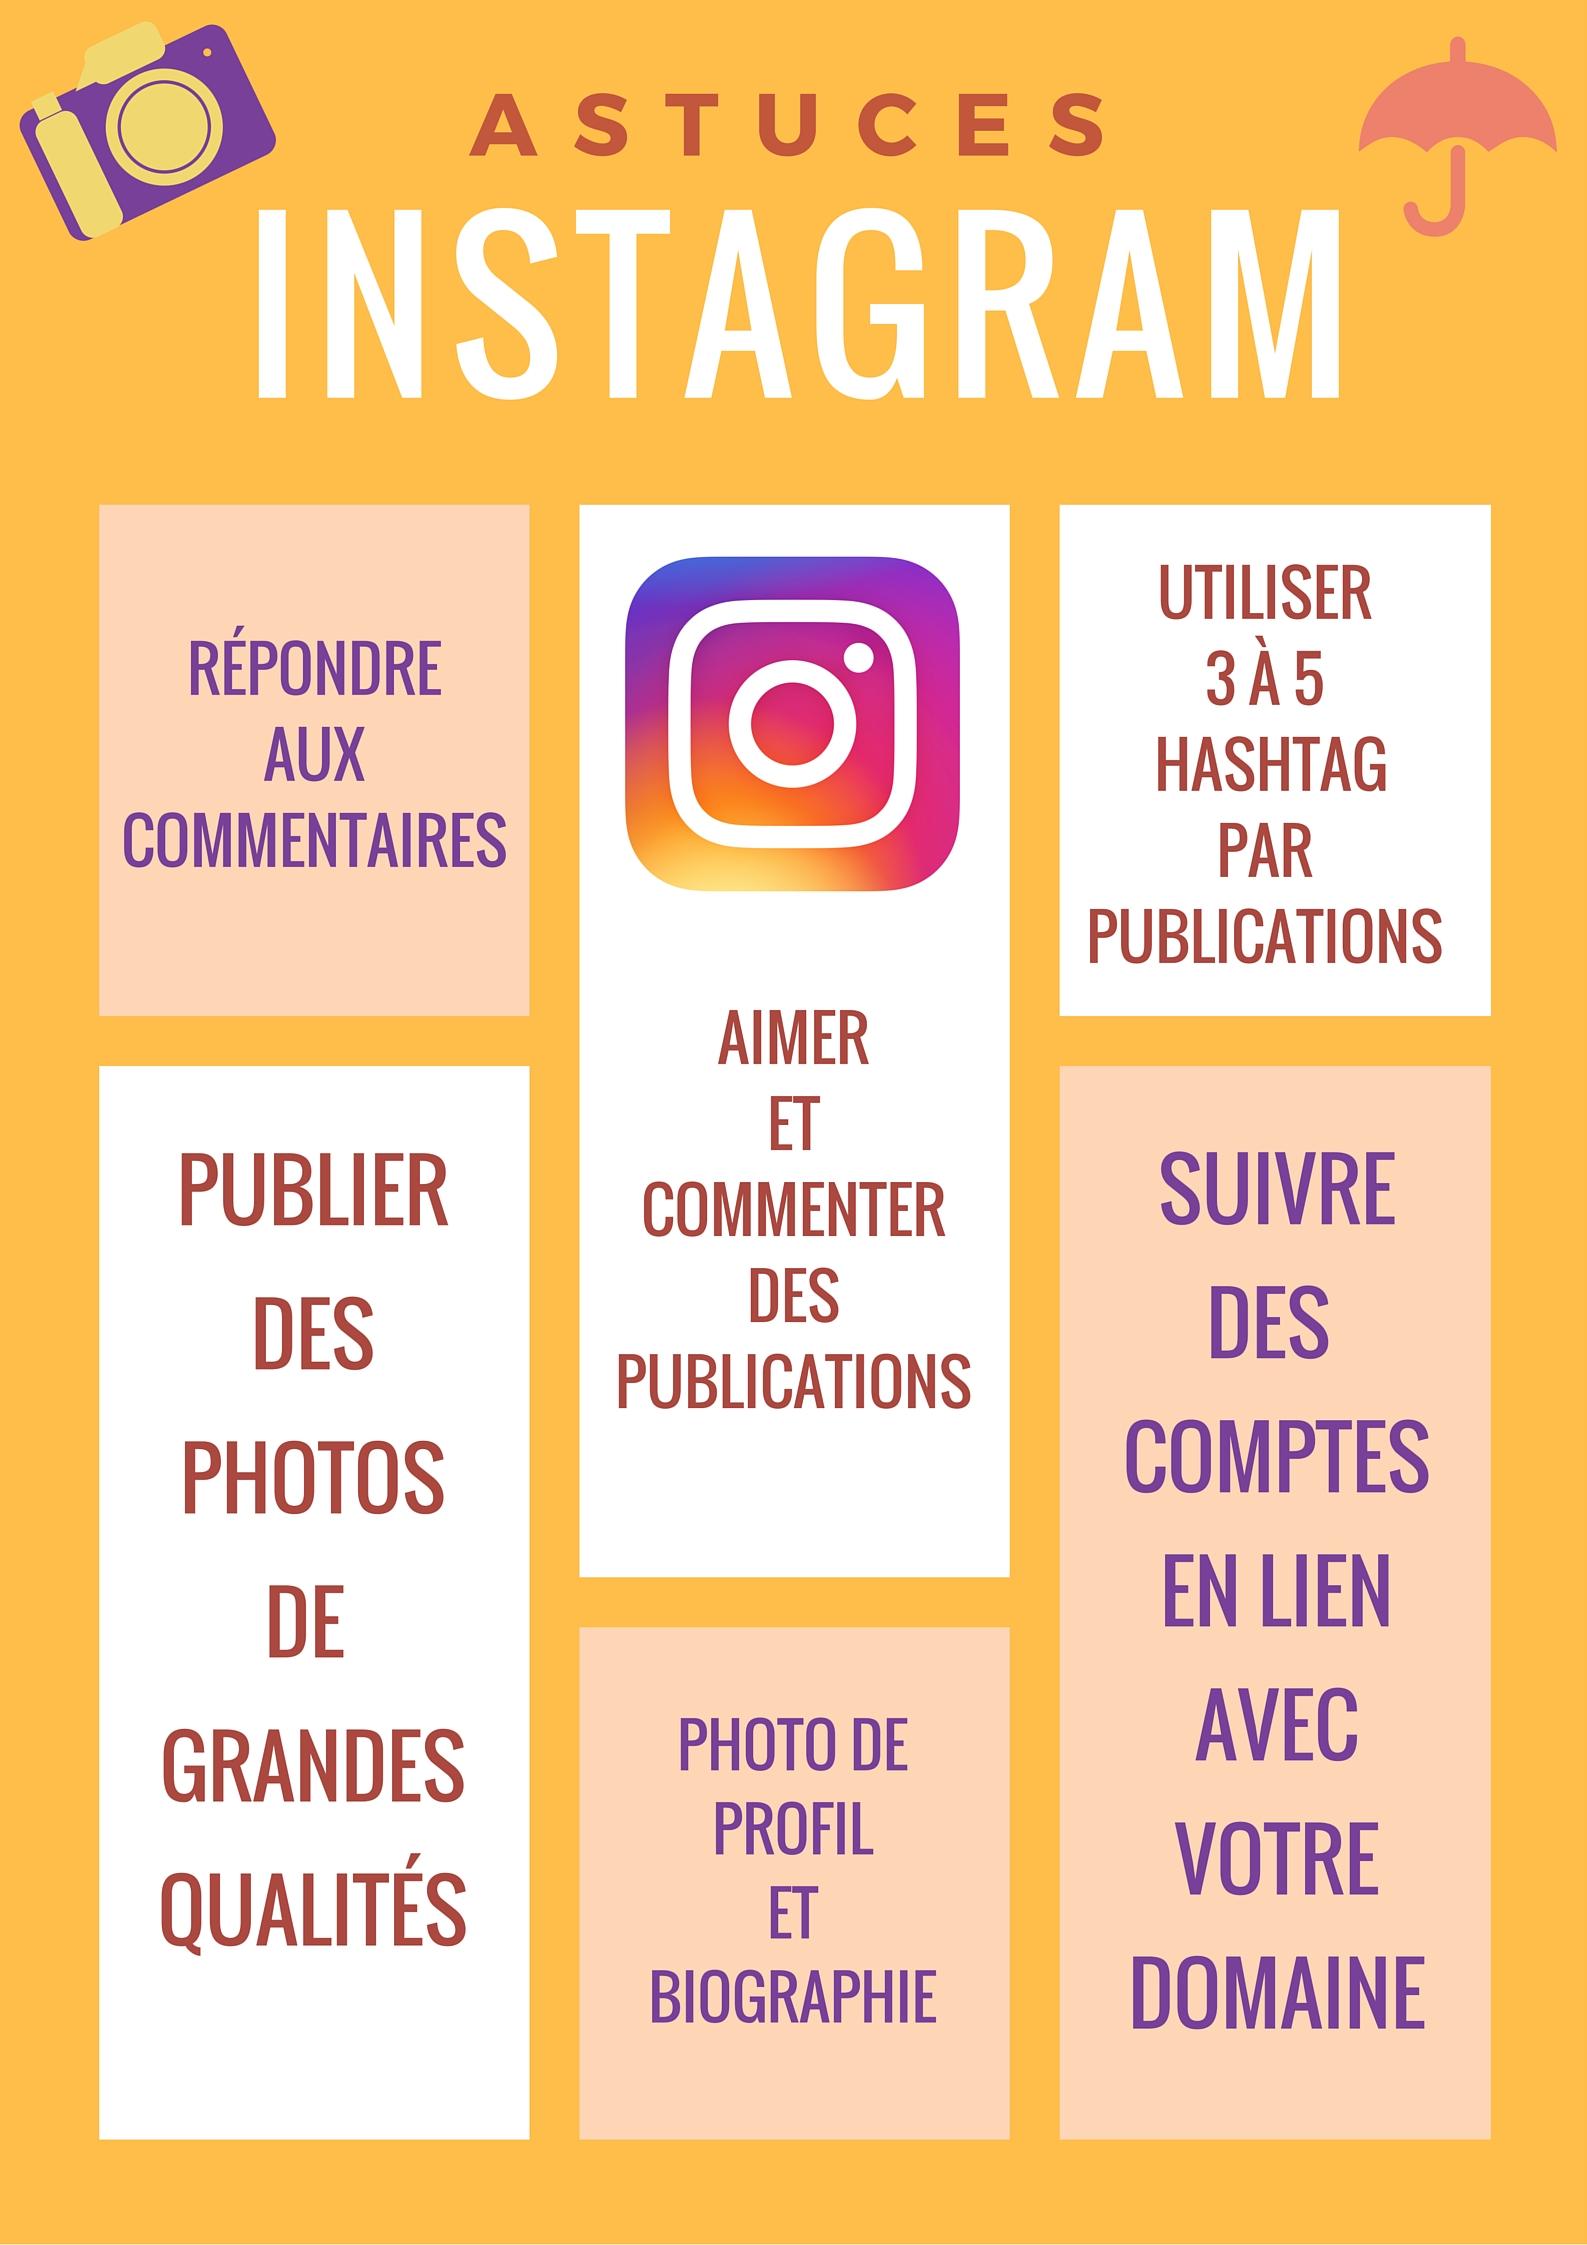 Astuces Instagram - ici PME WEB